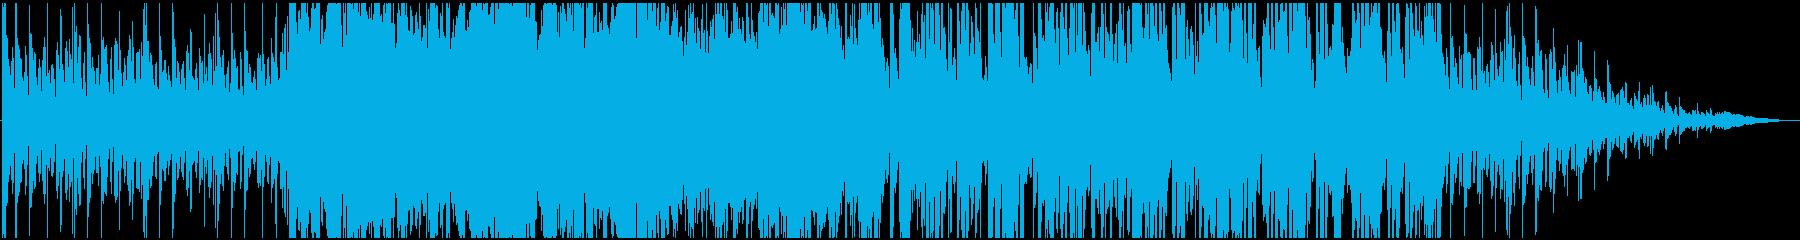 ゲーム【逆転裁判】風:尋問、不安2の再生済みの波形